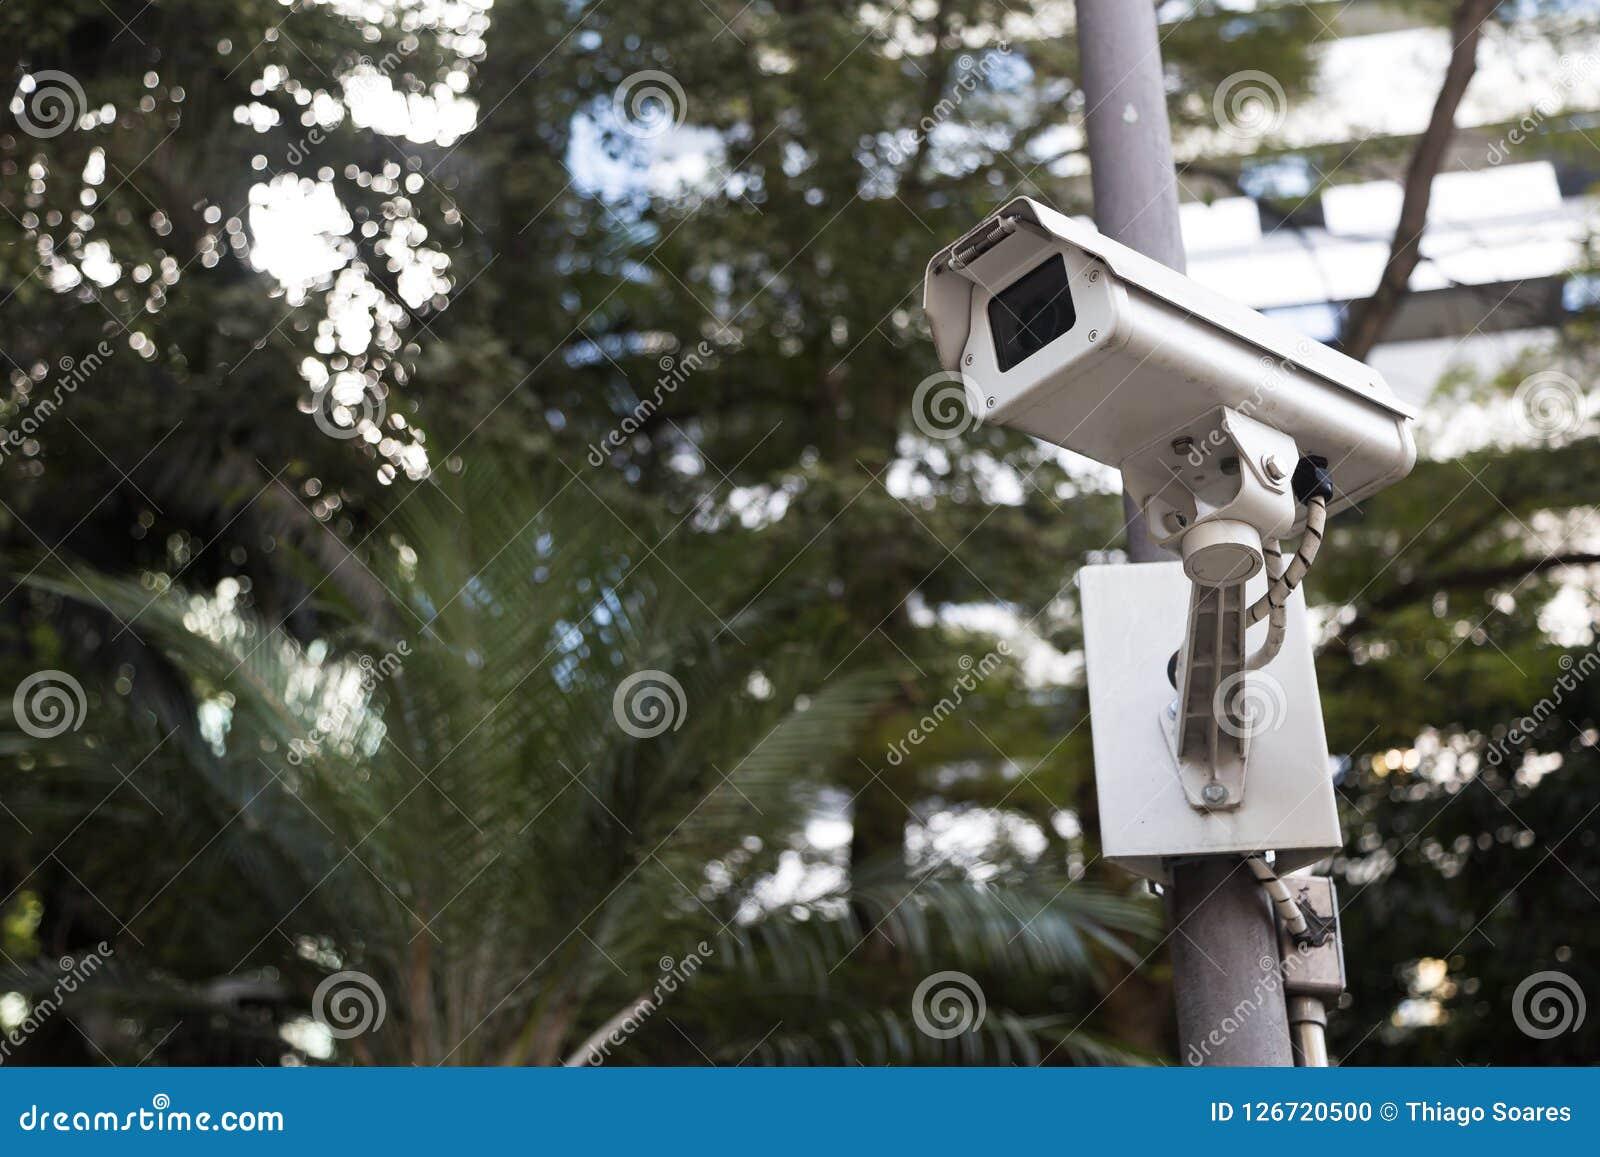 Caméra de sécurité dans un lieu public